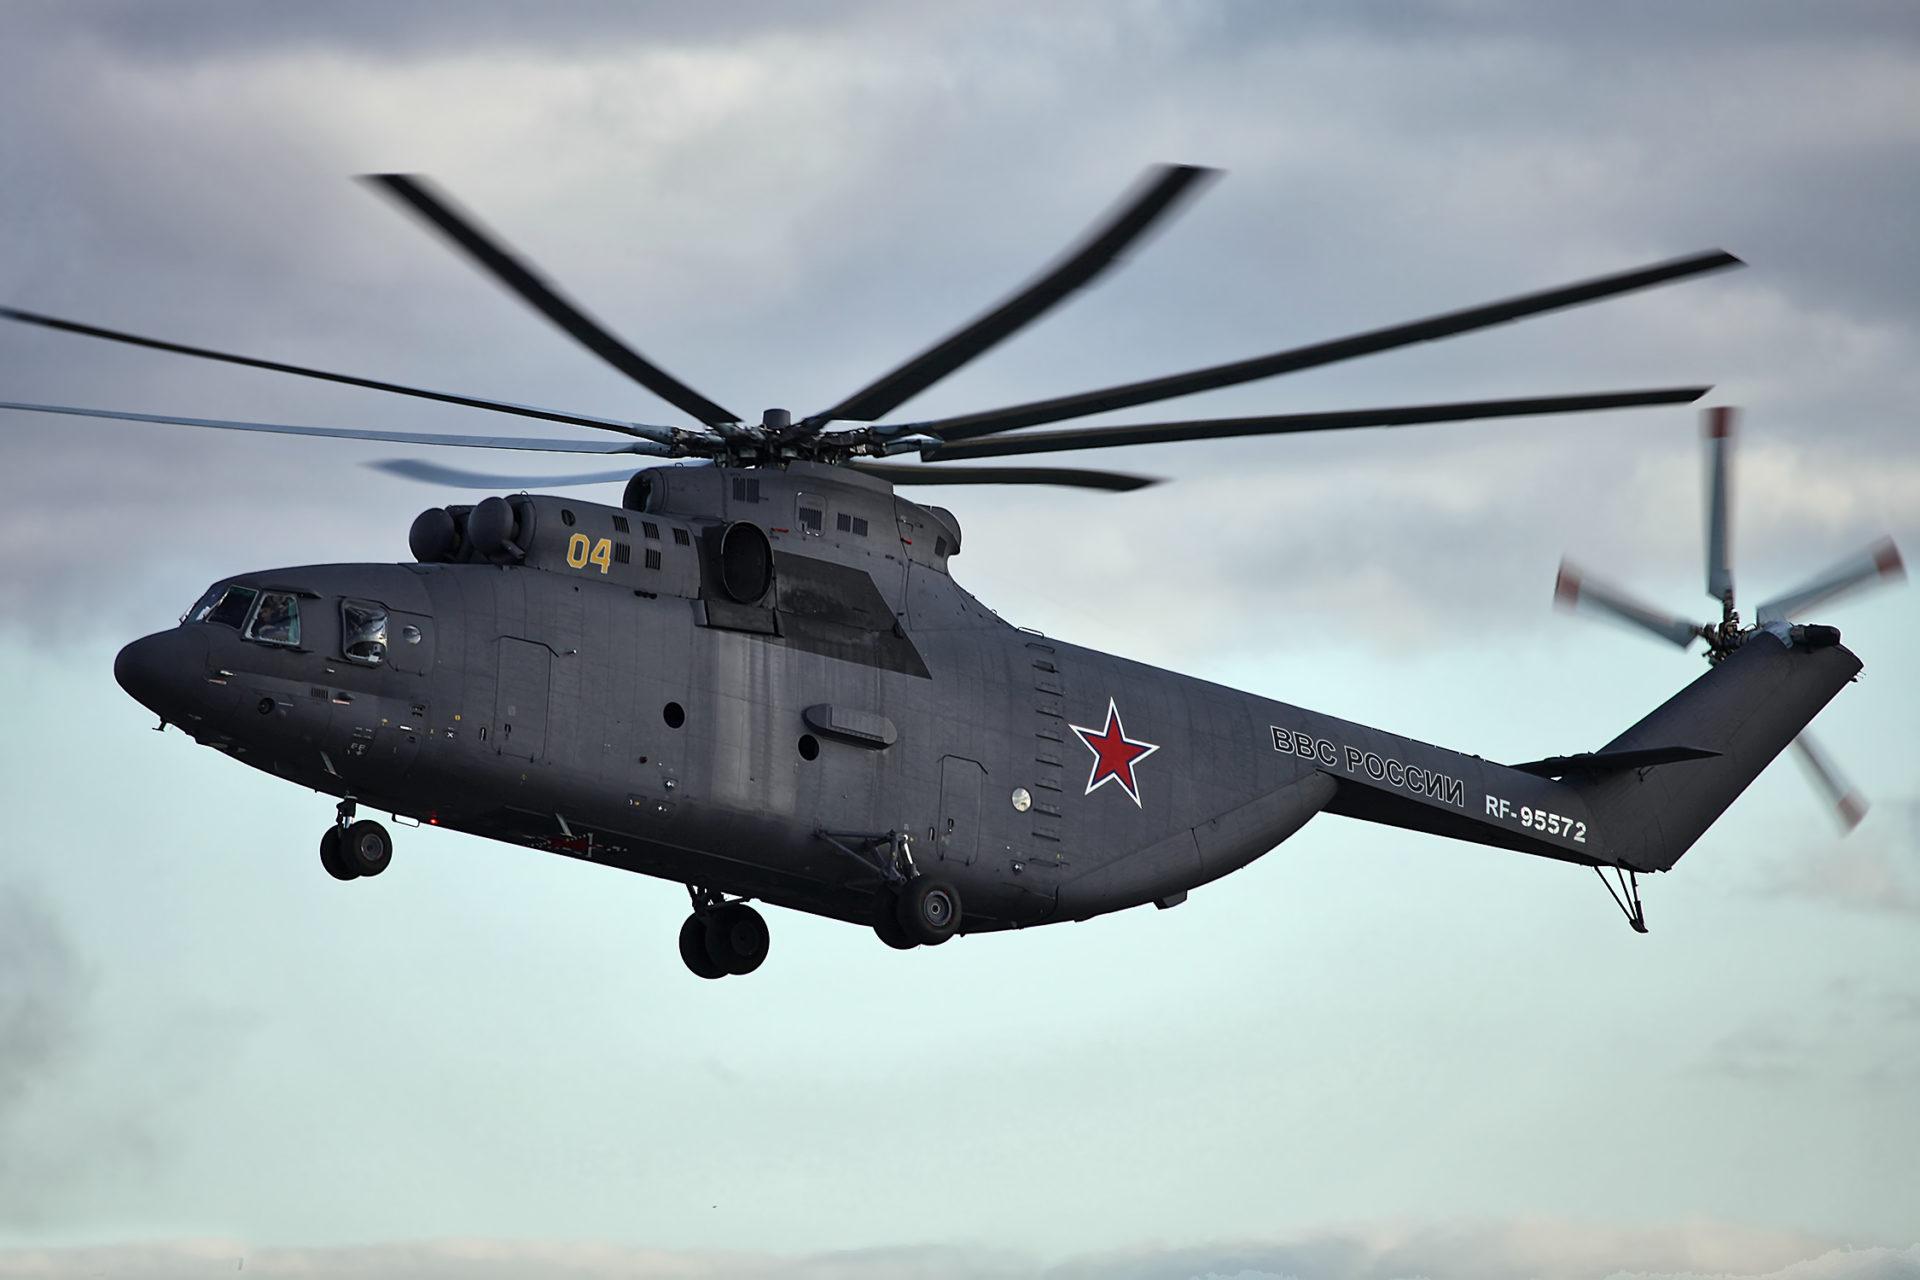 грузовой вертолет картинка можете сохранить фотографию